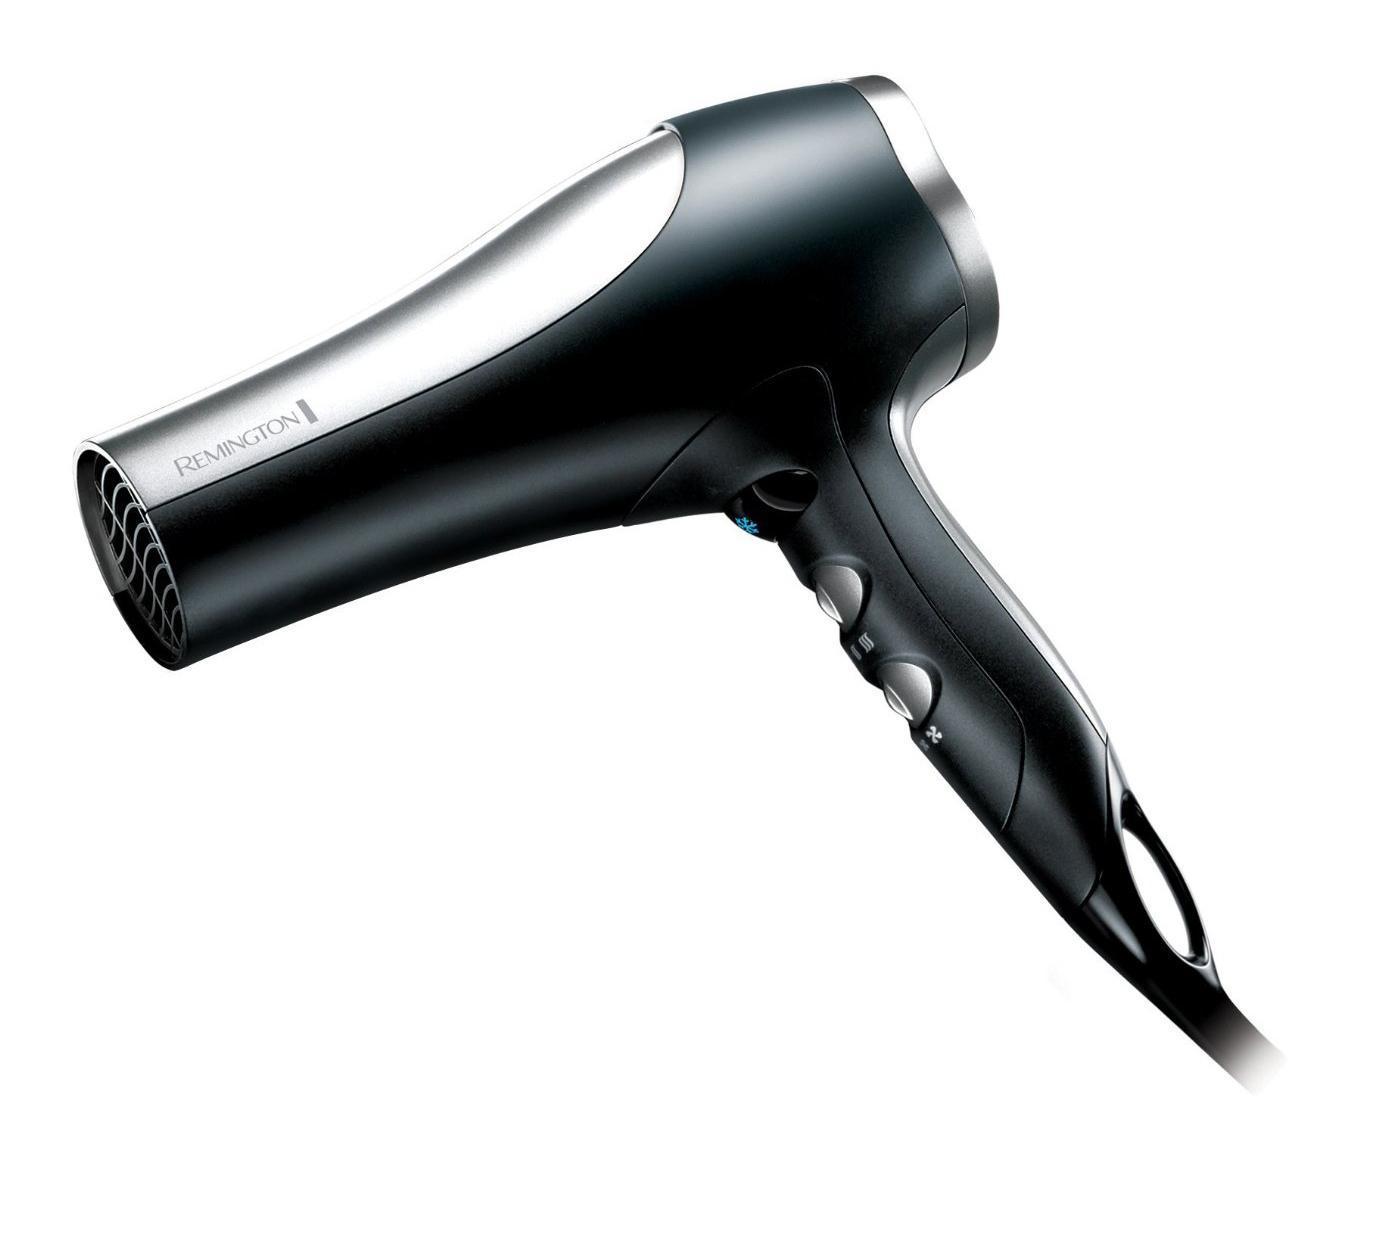 Remington D5017 Pro 2100 фенD5017Remington D5017 может по праву сравниваться с профессиональными моделями. Невероятно мощный - 2100 Вт, что позволяет развивать высокую скорость воздушного потока, тем самым ускорять процесс сушки. Это значит, что волосы принимают желаемую форму именно в результате намеренного воздействия феном, а не высыхают естественным путем, в произвольной форме. Удобным дополнением является возможность регулировать температуру и скорость водушного потока.Благодаря комфортной регулировке температуры и мощности этот фен подойдет для любого типа волос. Если у Вас здоровые и крепкие волосы - можно смело экспериментировать с насадками, и использовать различные режимы работы. В случае если же у Вас окрашенные, слабые или ломкие волосы, или же необходим бережный уход, по каким либо другим причинам, у этого фена найдется режим который подойдет именно Вам.